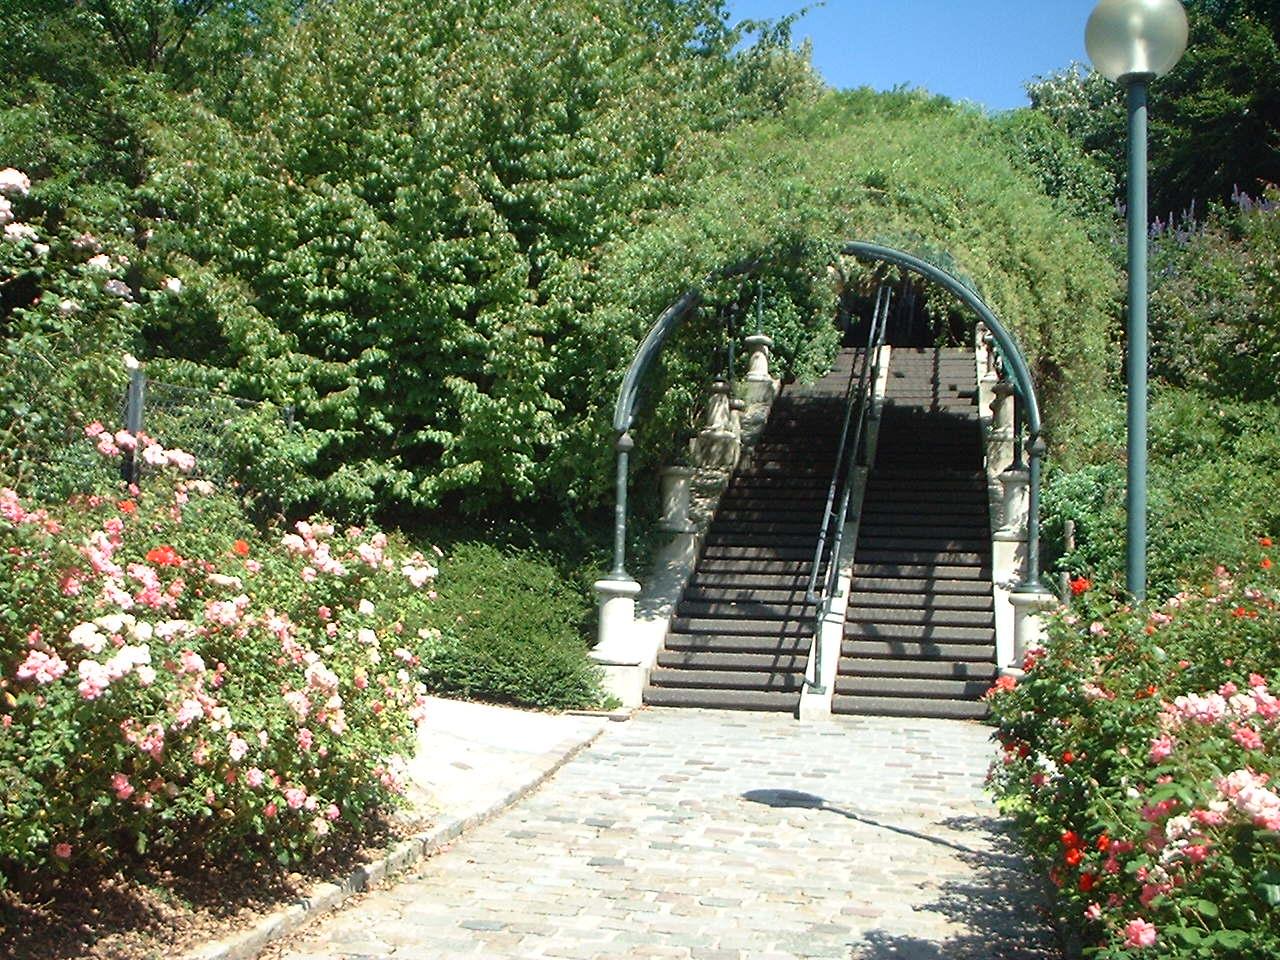 Parc_de_Belleville_Paris_01.jpg